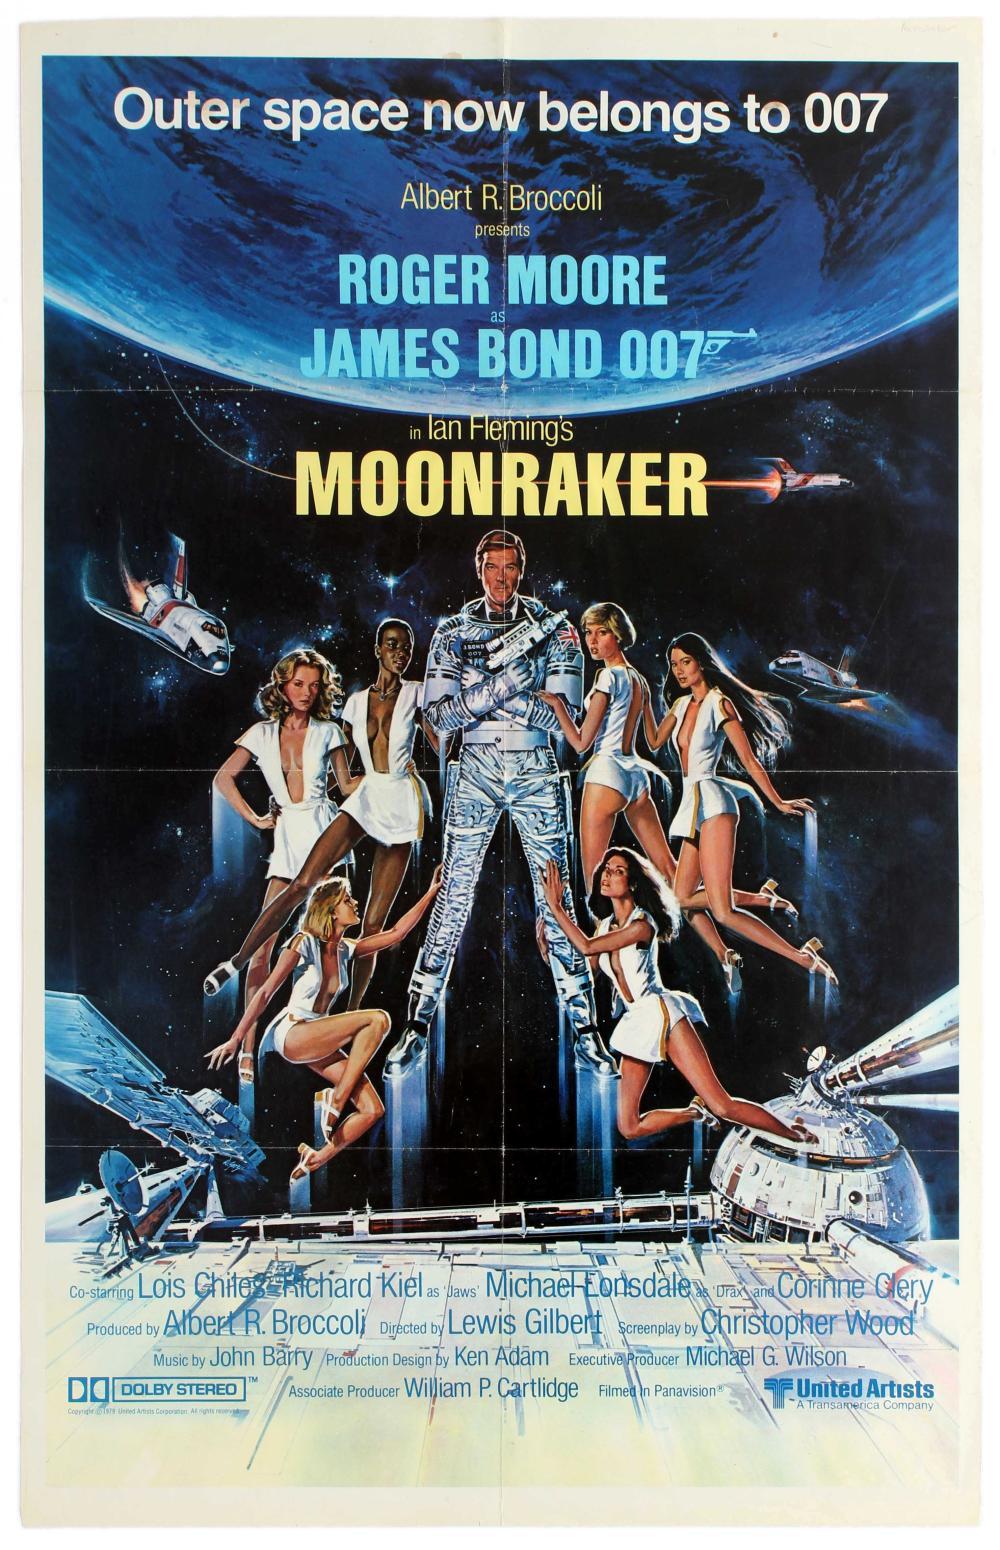 Movie Poster James Bond 007 Moonraker Teaser Roger Moore